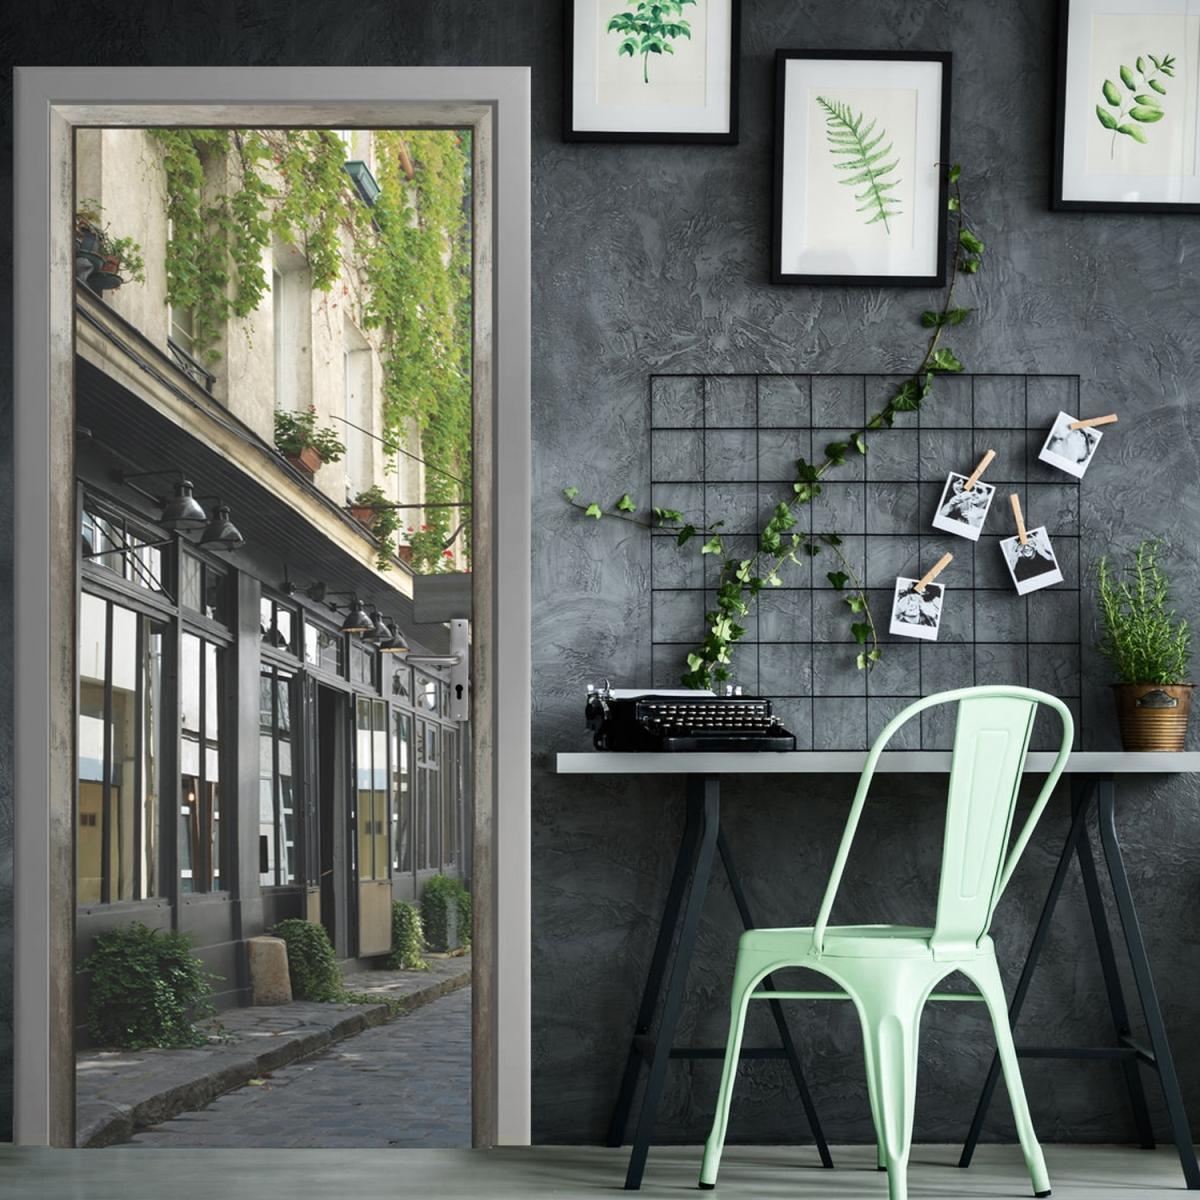 Trompe-l'oeil pour porte jolie rue pavée dans une intérieur industriel chic